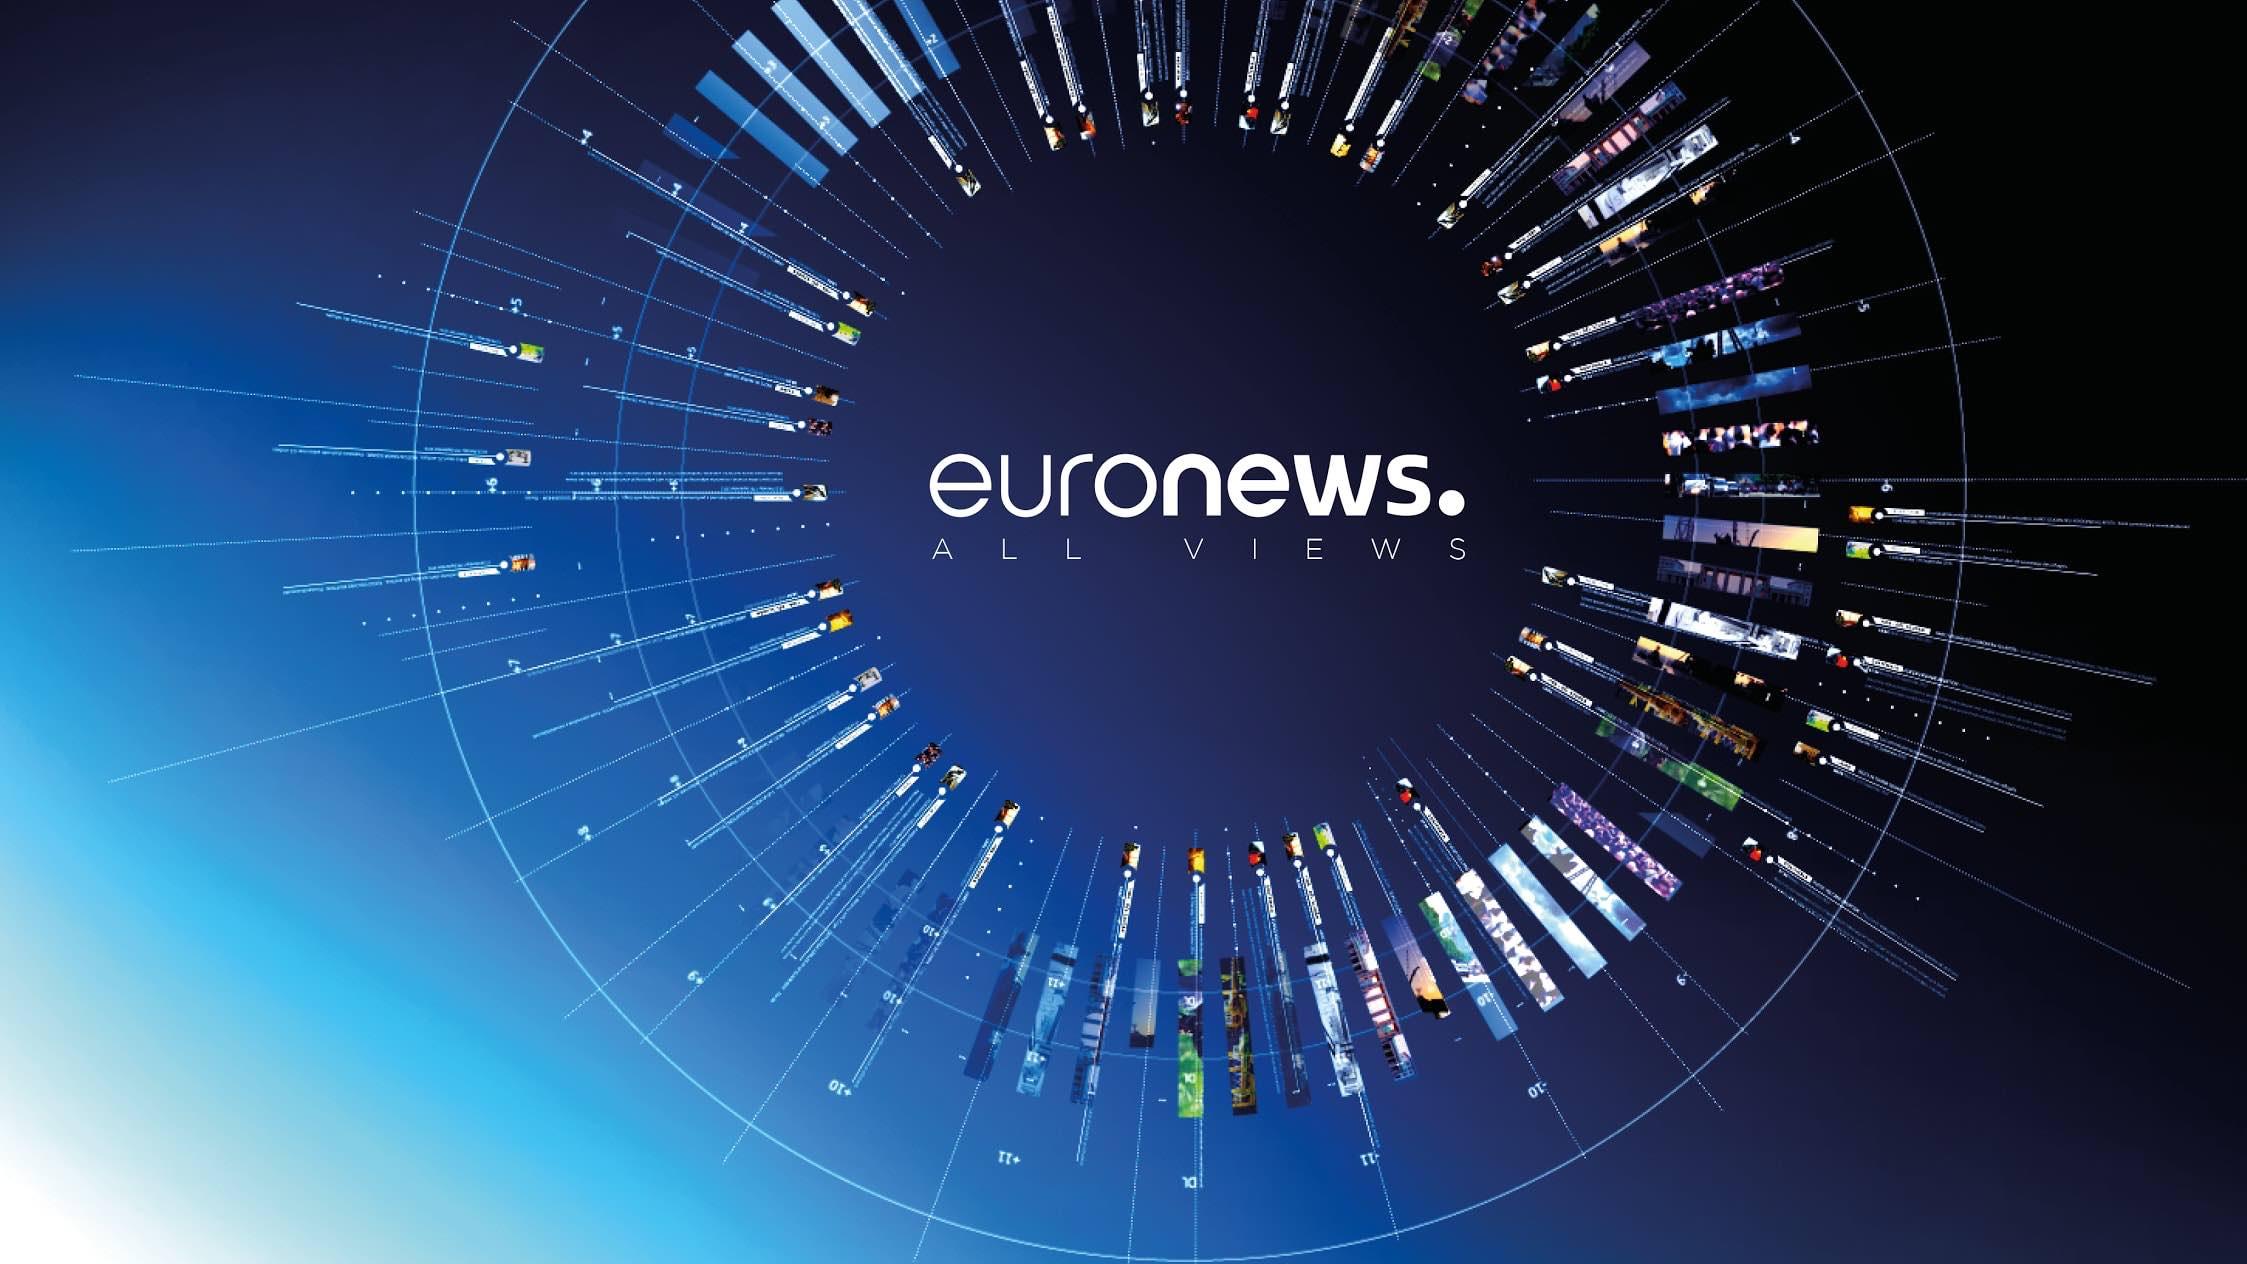 Euronews Ventures lance un partenariat Media for Equity pour les start-up en Europe